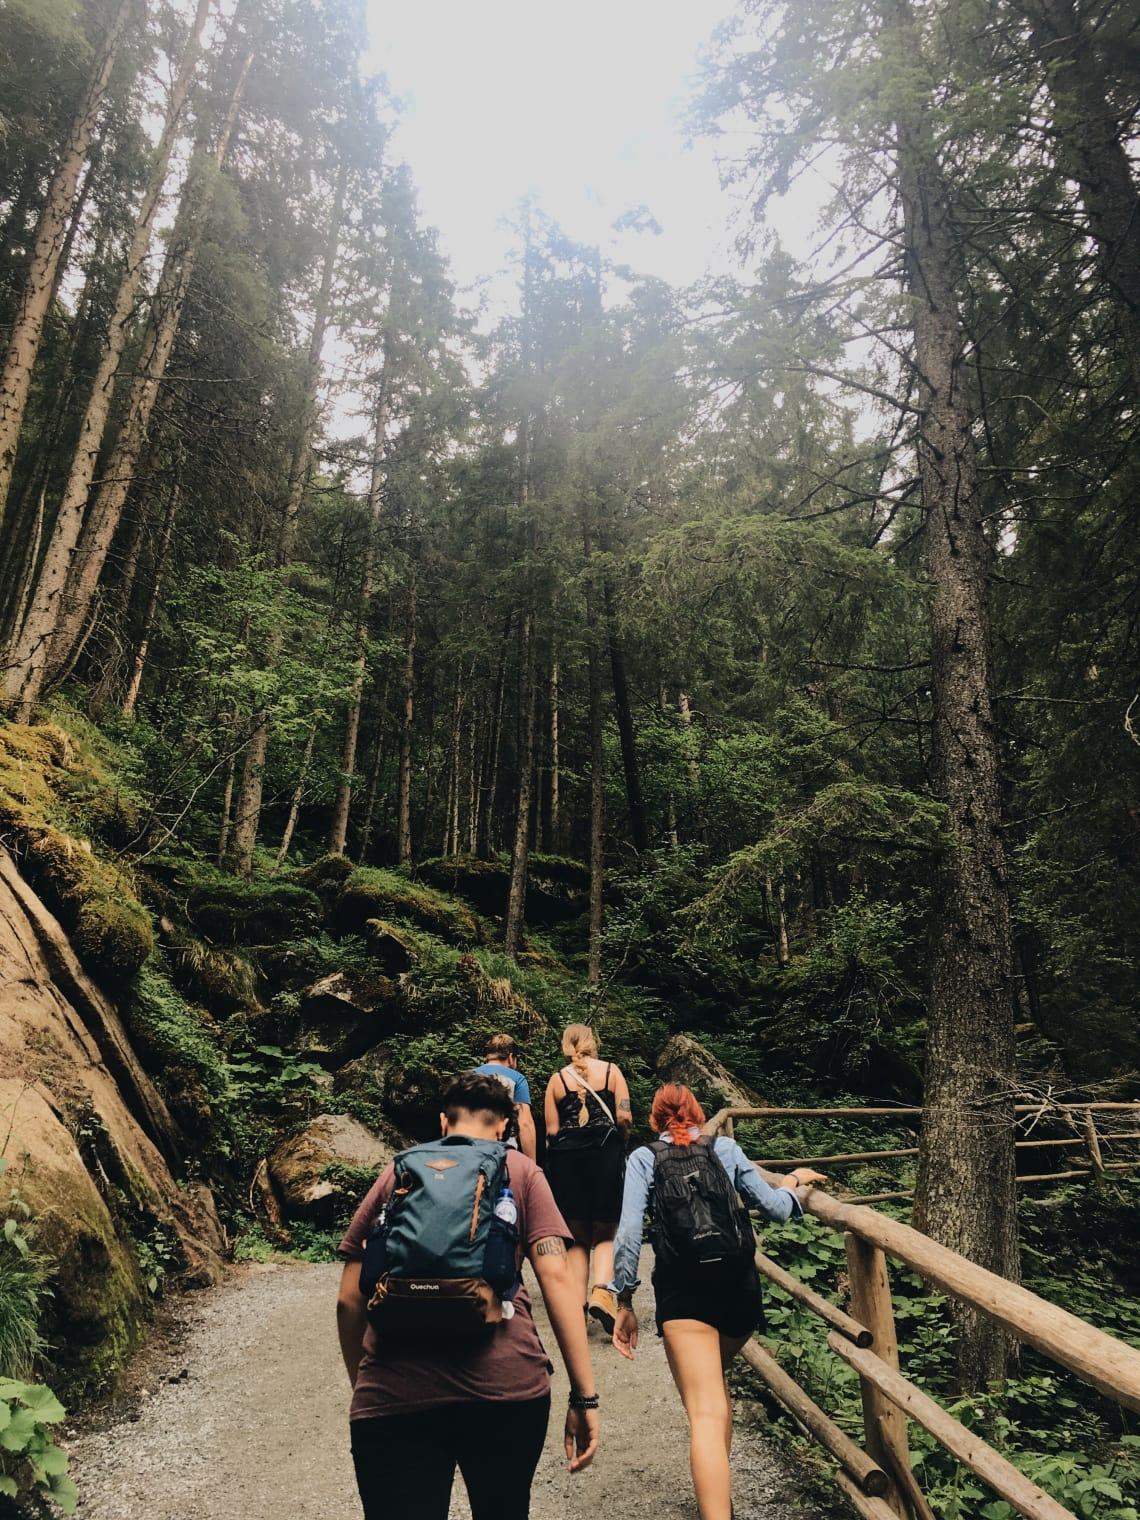 Subindo a Krimmler Wasserfälle, cachoeira mais alta da Áustria